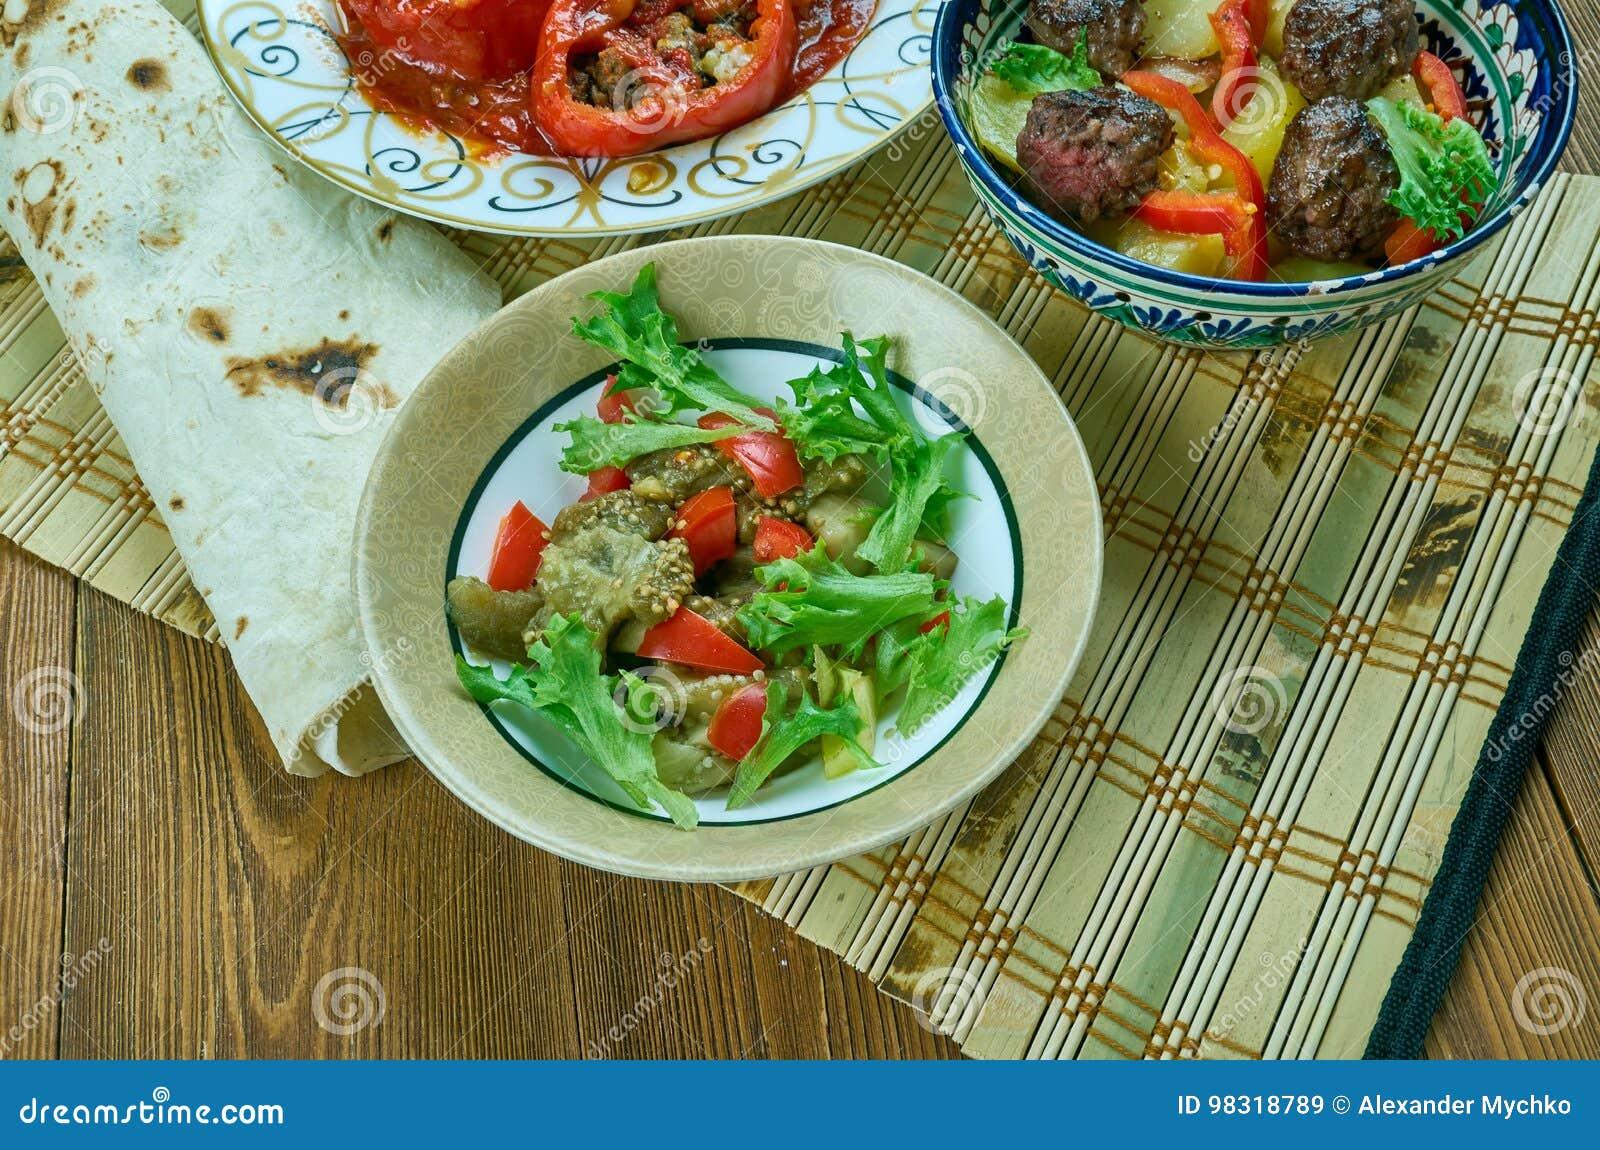 Turkse salade met aubergine